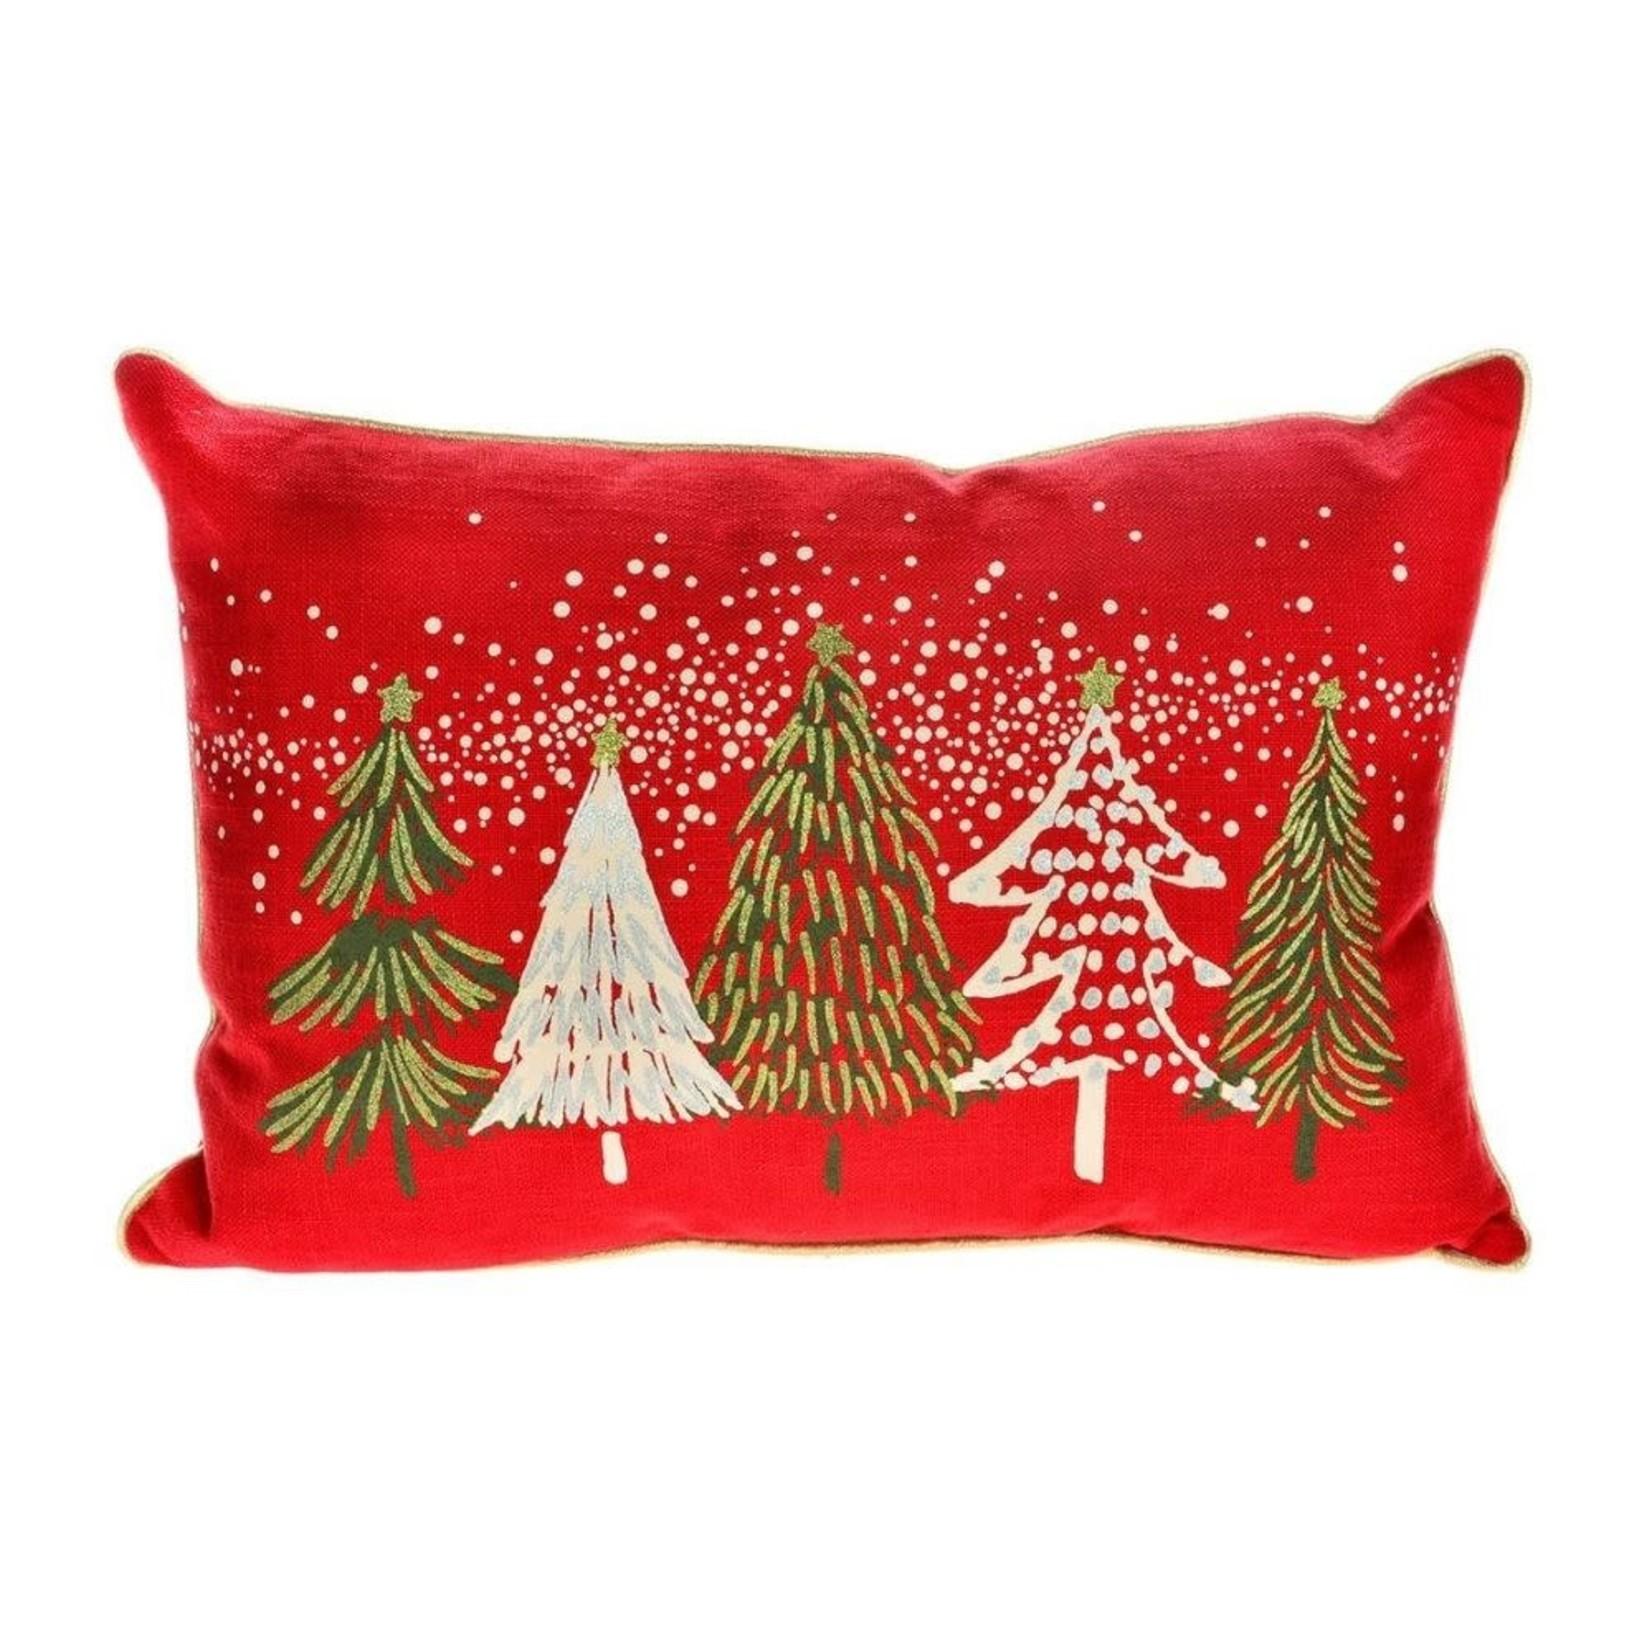 Green & White Christmas Trees Pillow